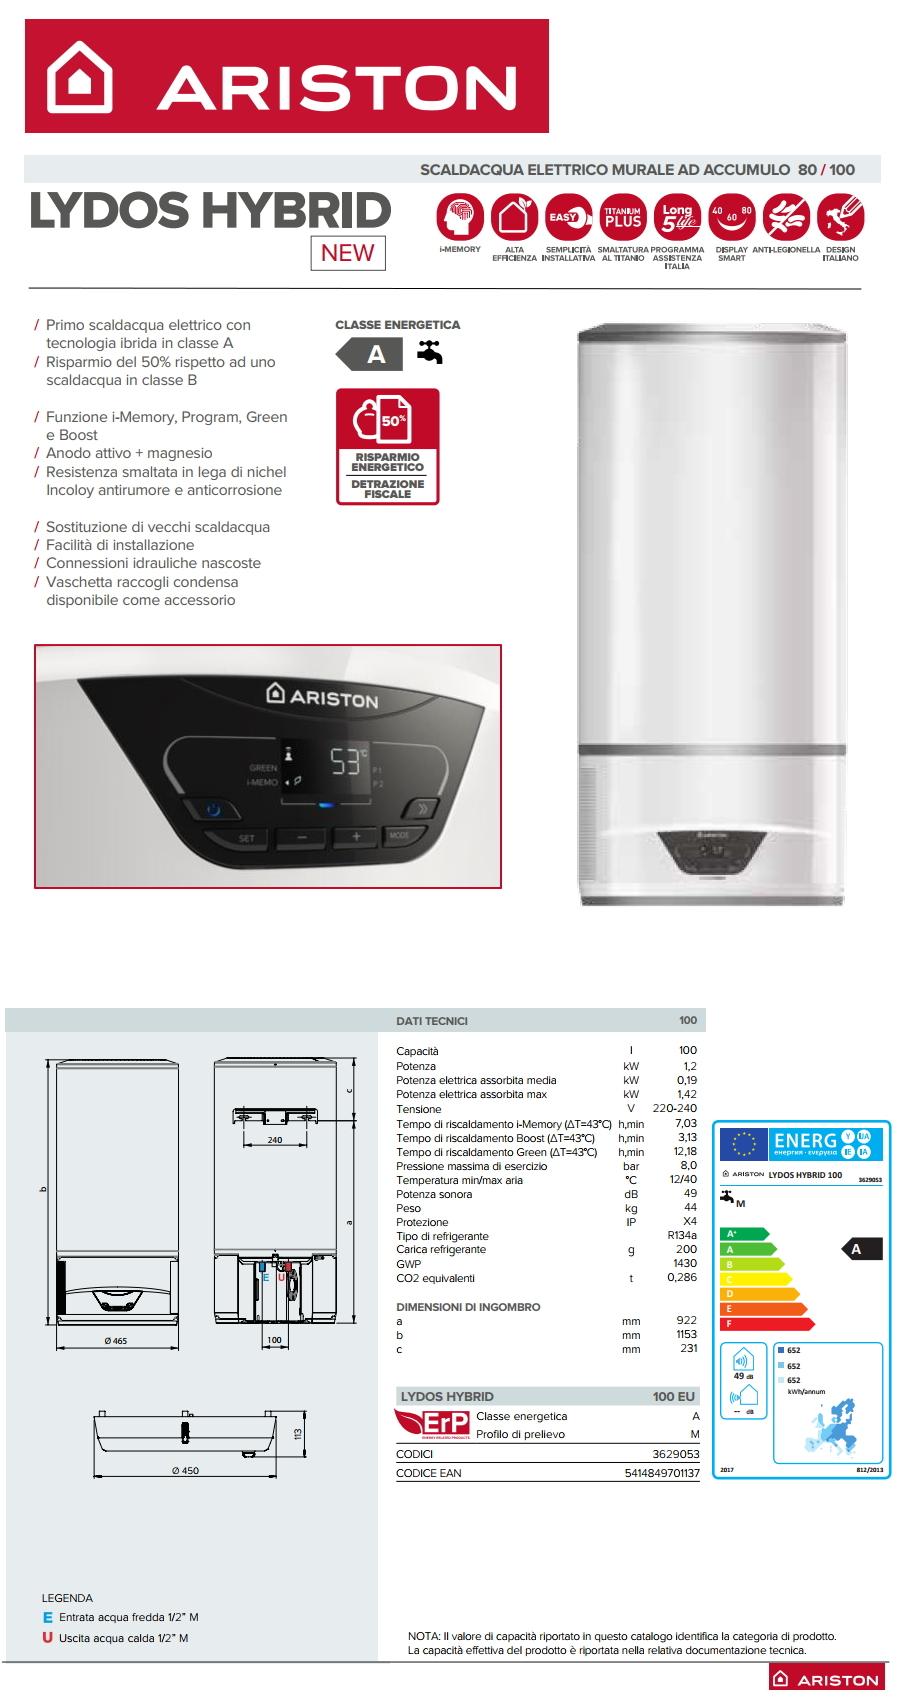 Scaldabagno elettrico e pompa di calore ibrido lydos hybrid 100 ariston 100 litri climamarket - Scaldabagno con pompa di calore ...